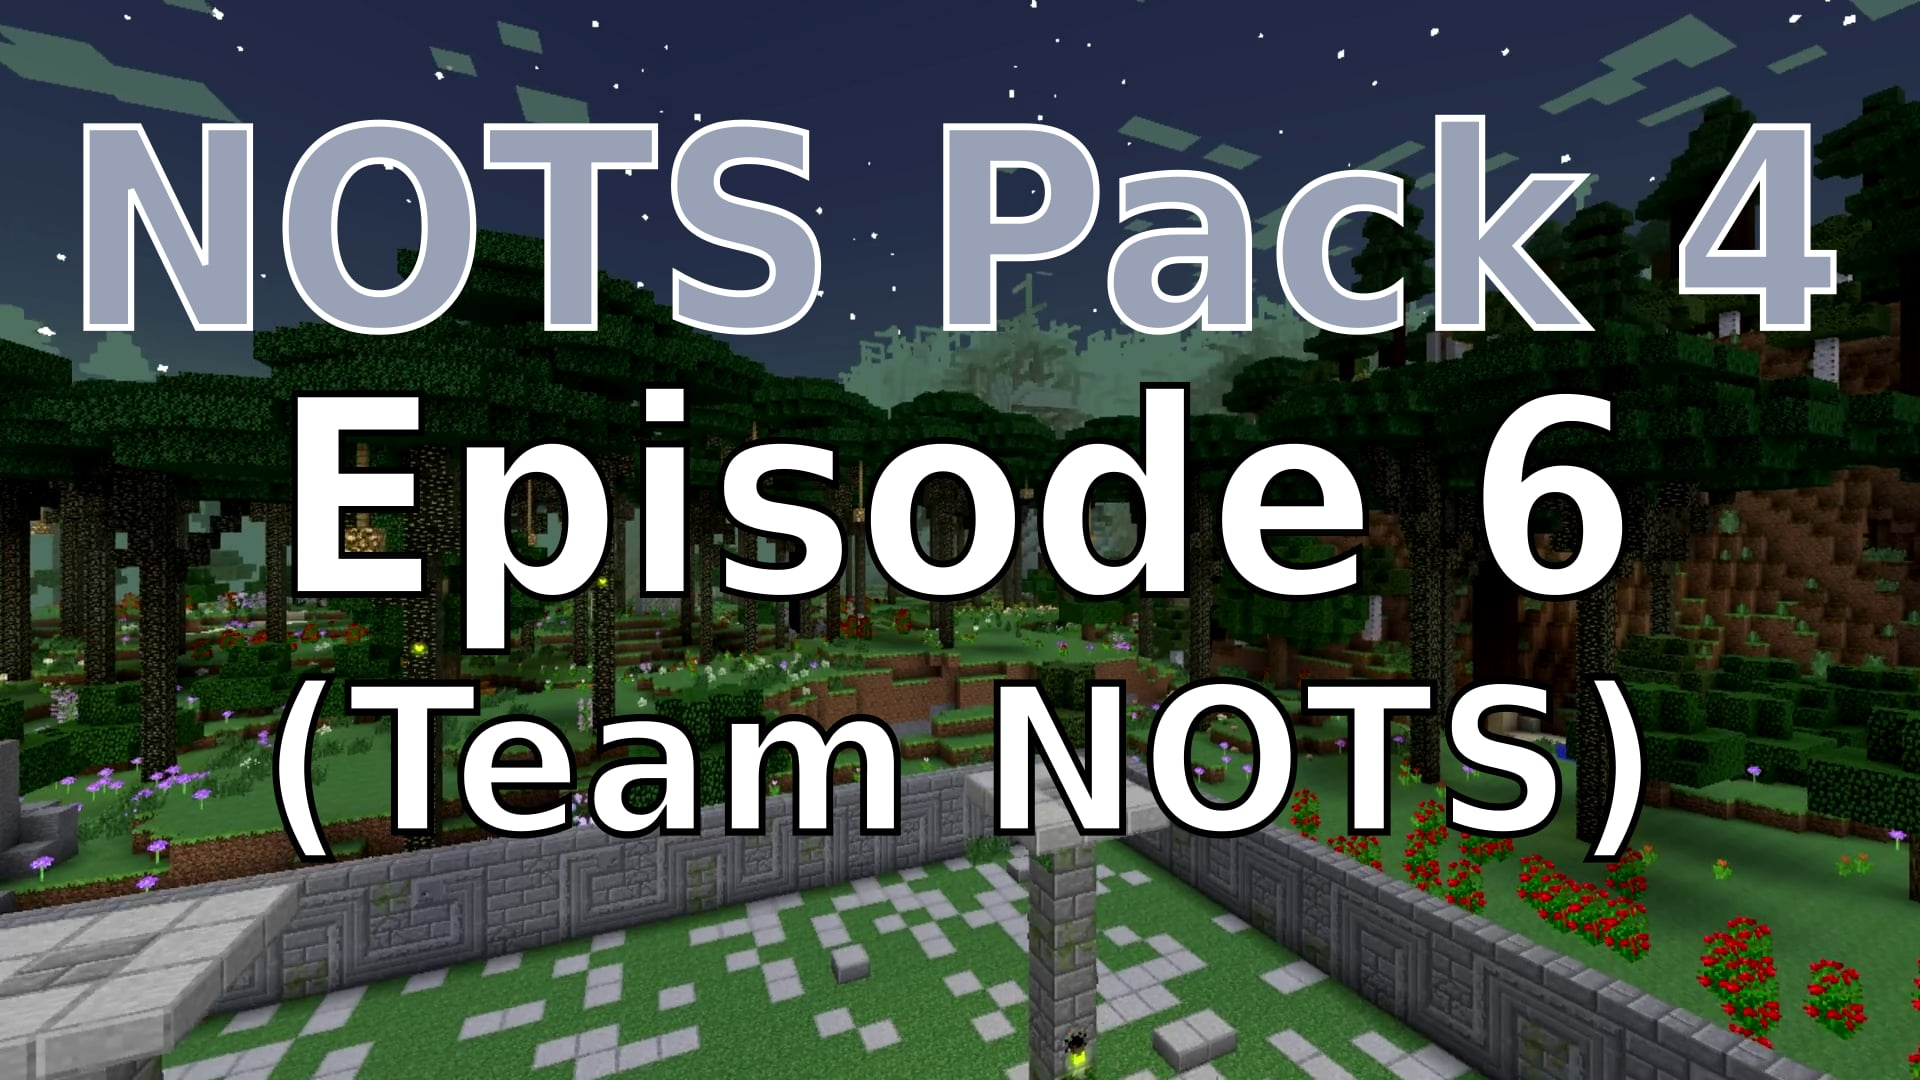 Episode 6 (Team NOTS) - NOTS Pack 4